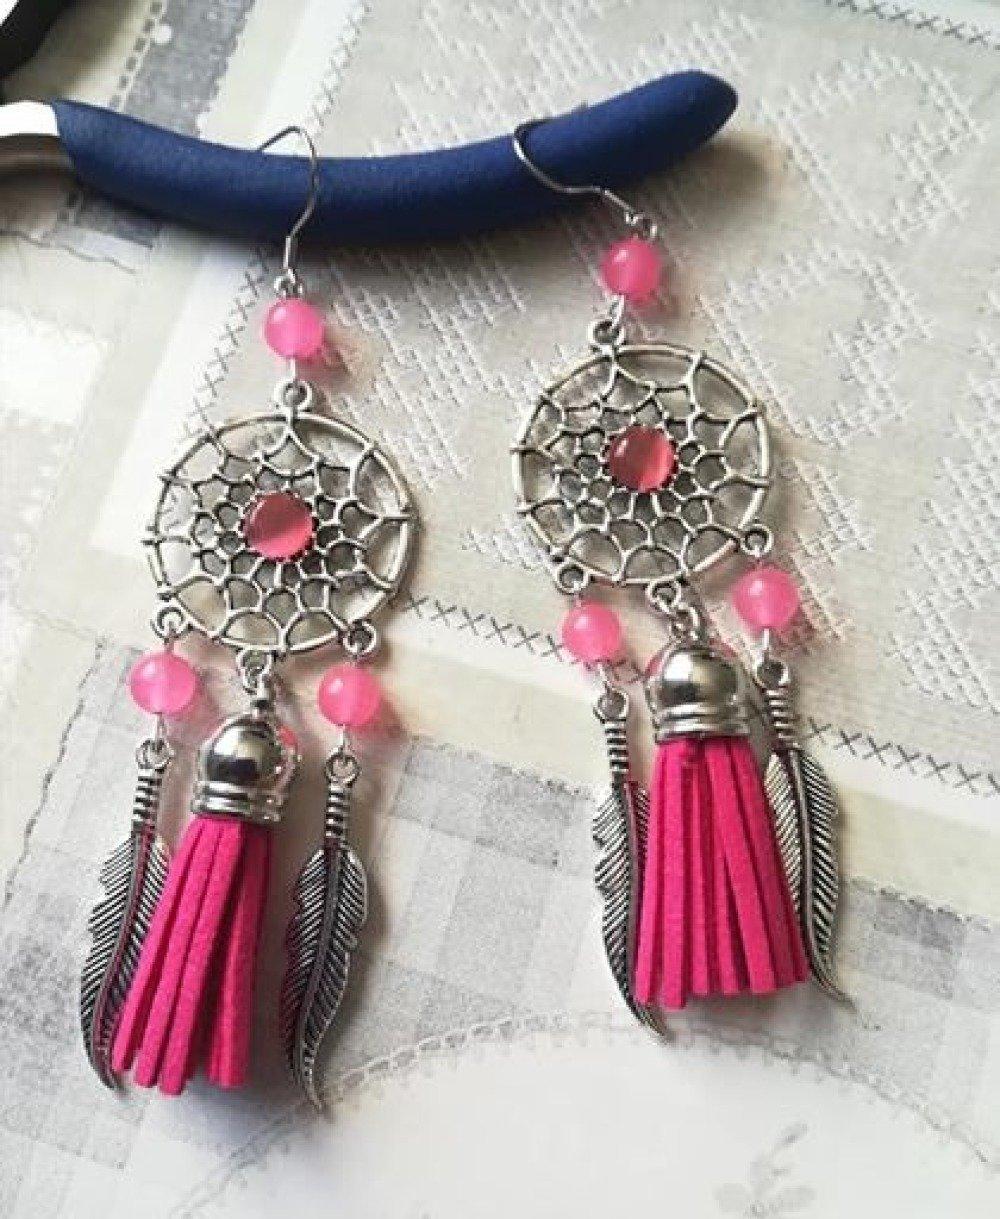 Boucle d'oreilles attrape rêve pompons suédine rose